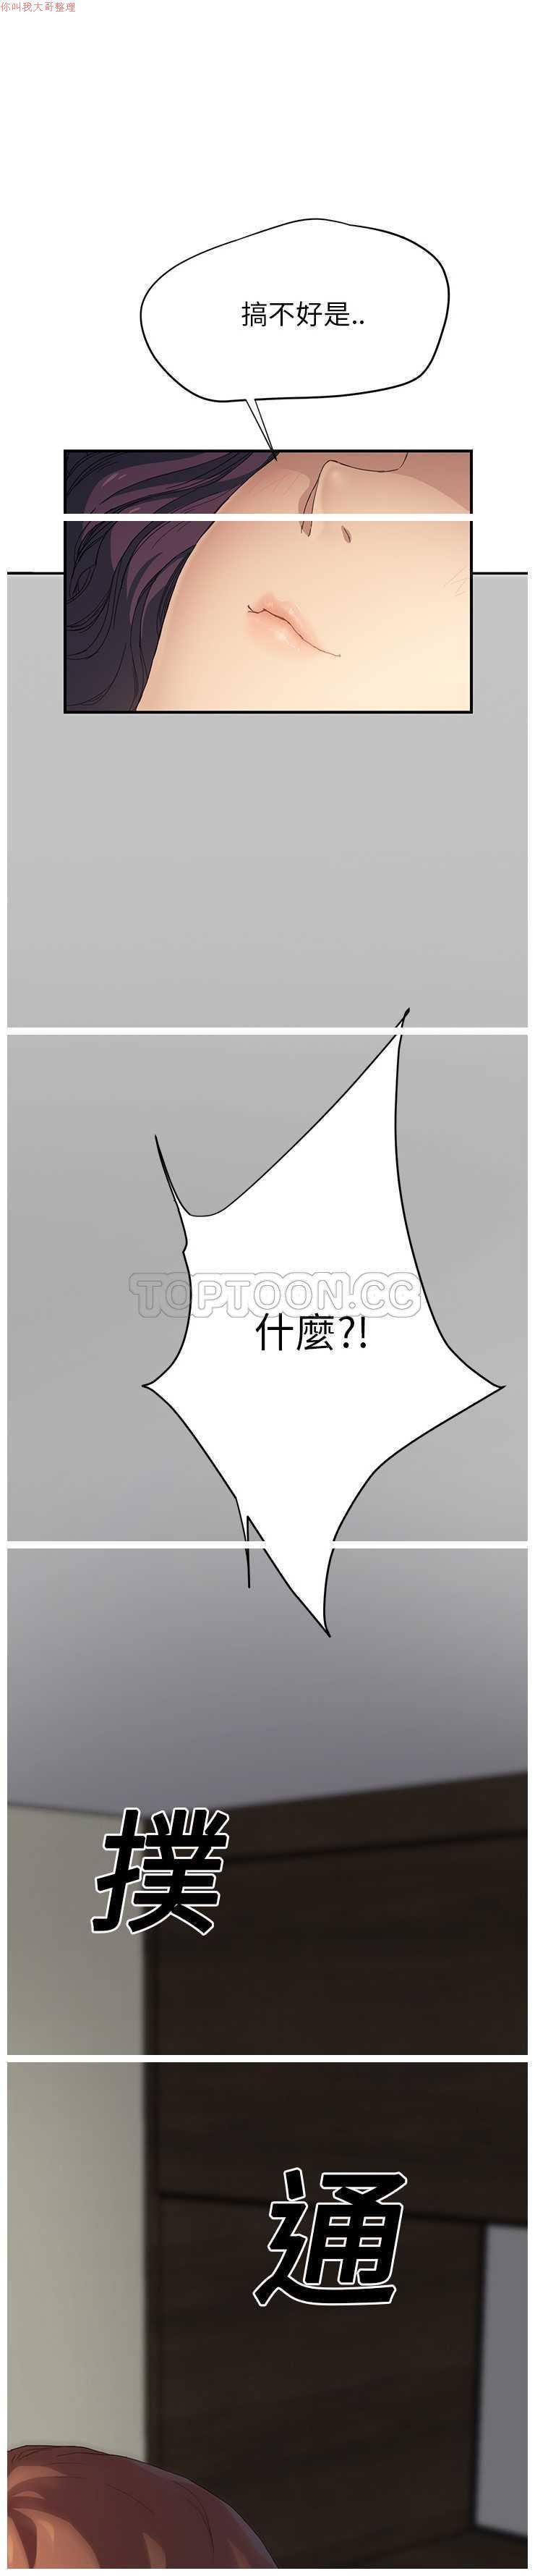 继母  Chinese 1-30 281